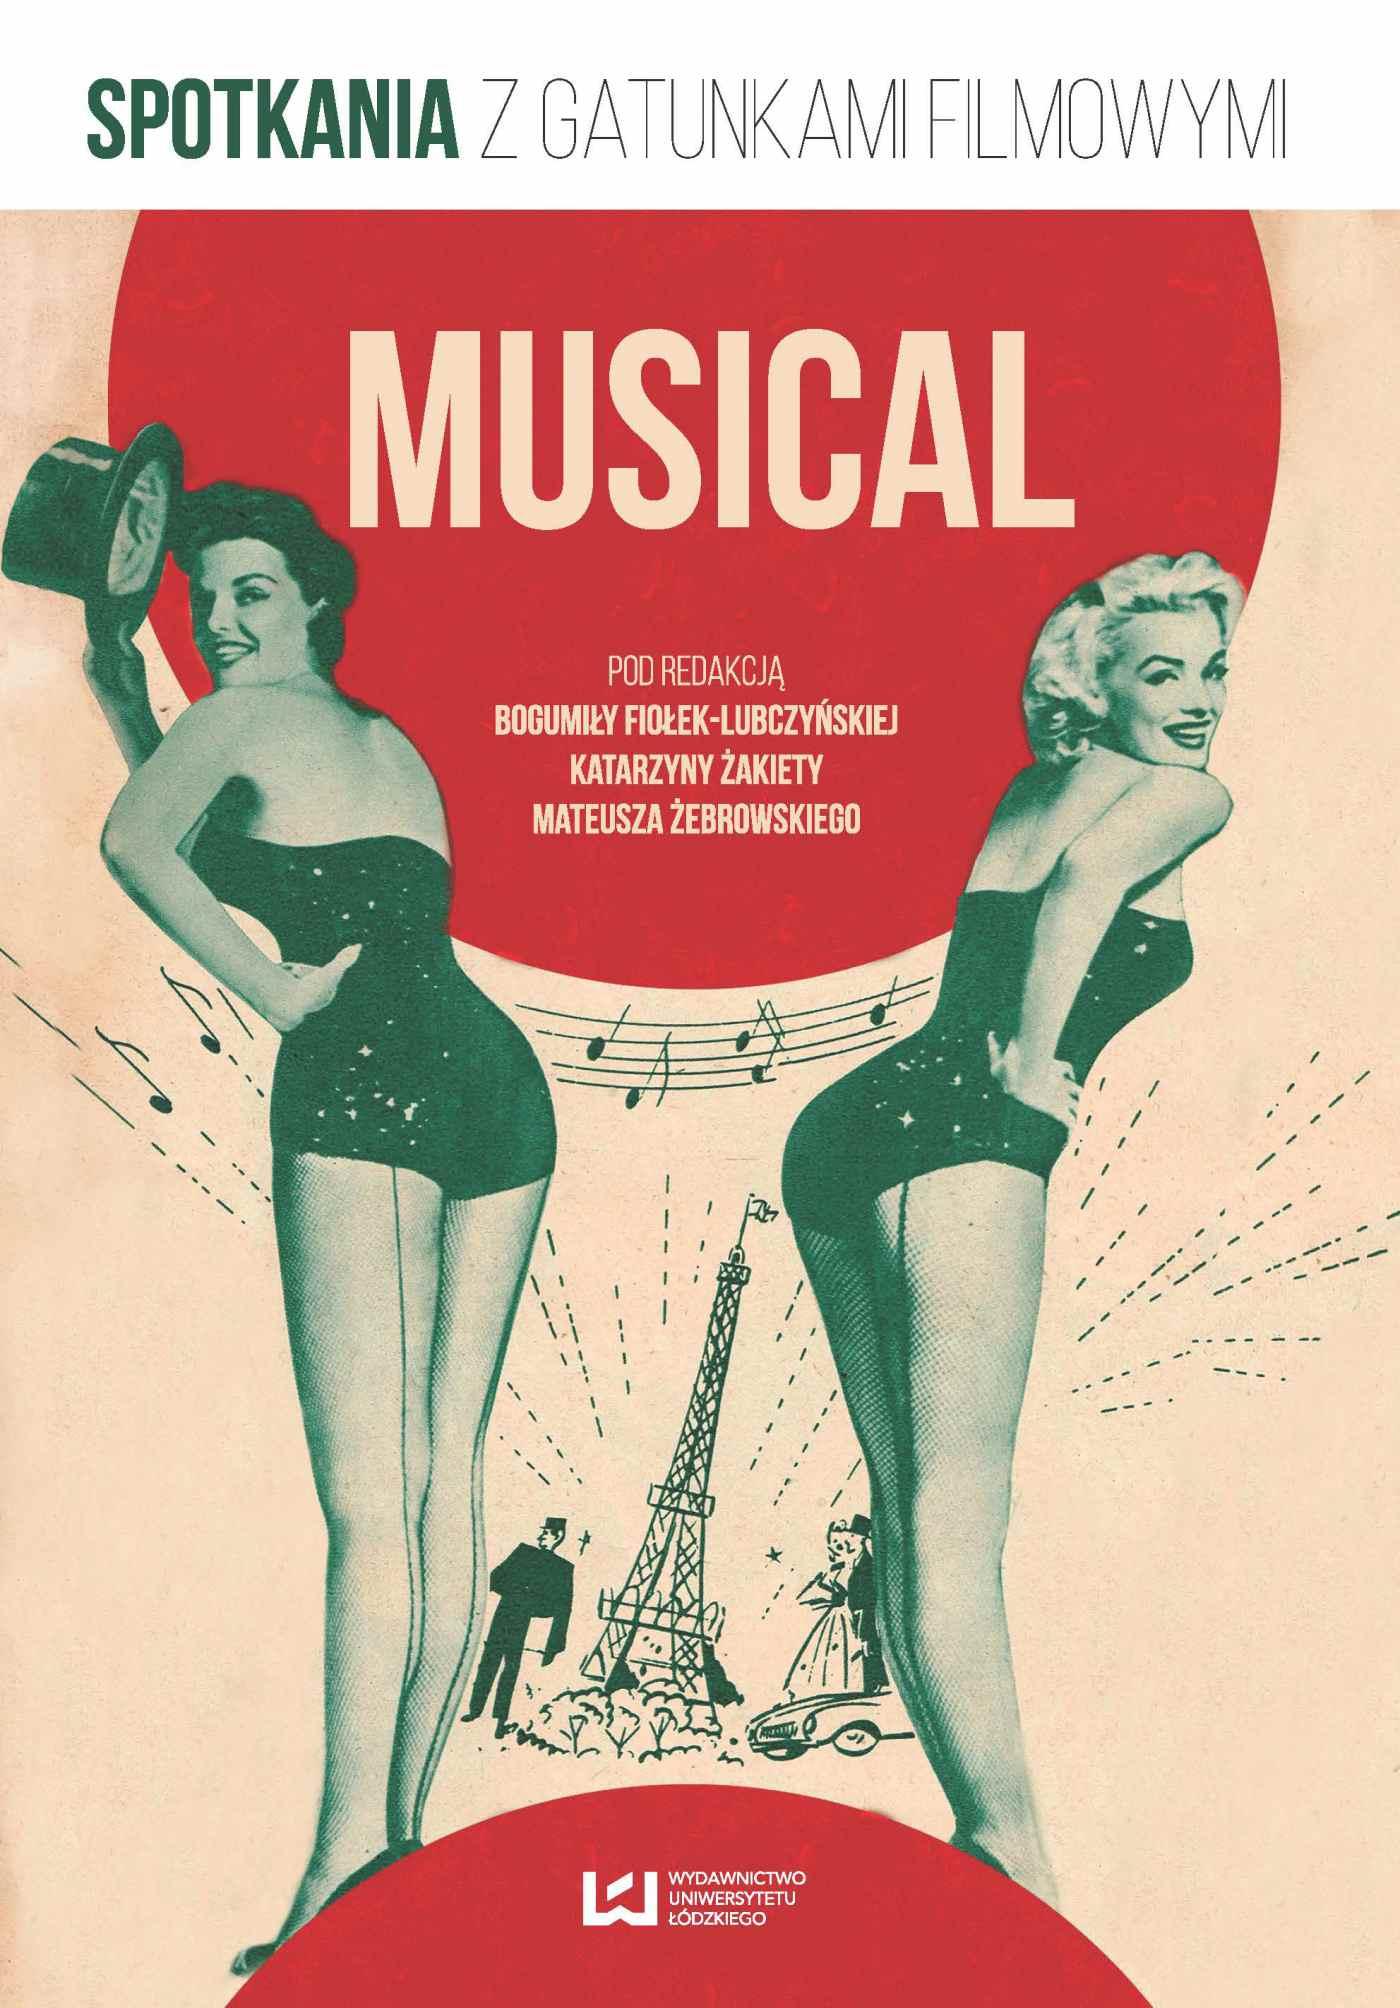 Musical. Spotkania z gatunkami filmowymi - Ebook (Książka PDF) do pobrania w formacie PDF